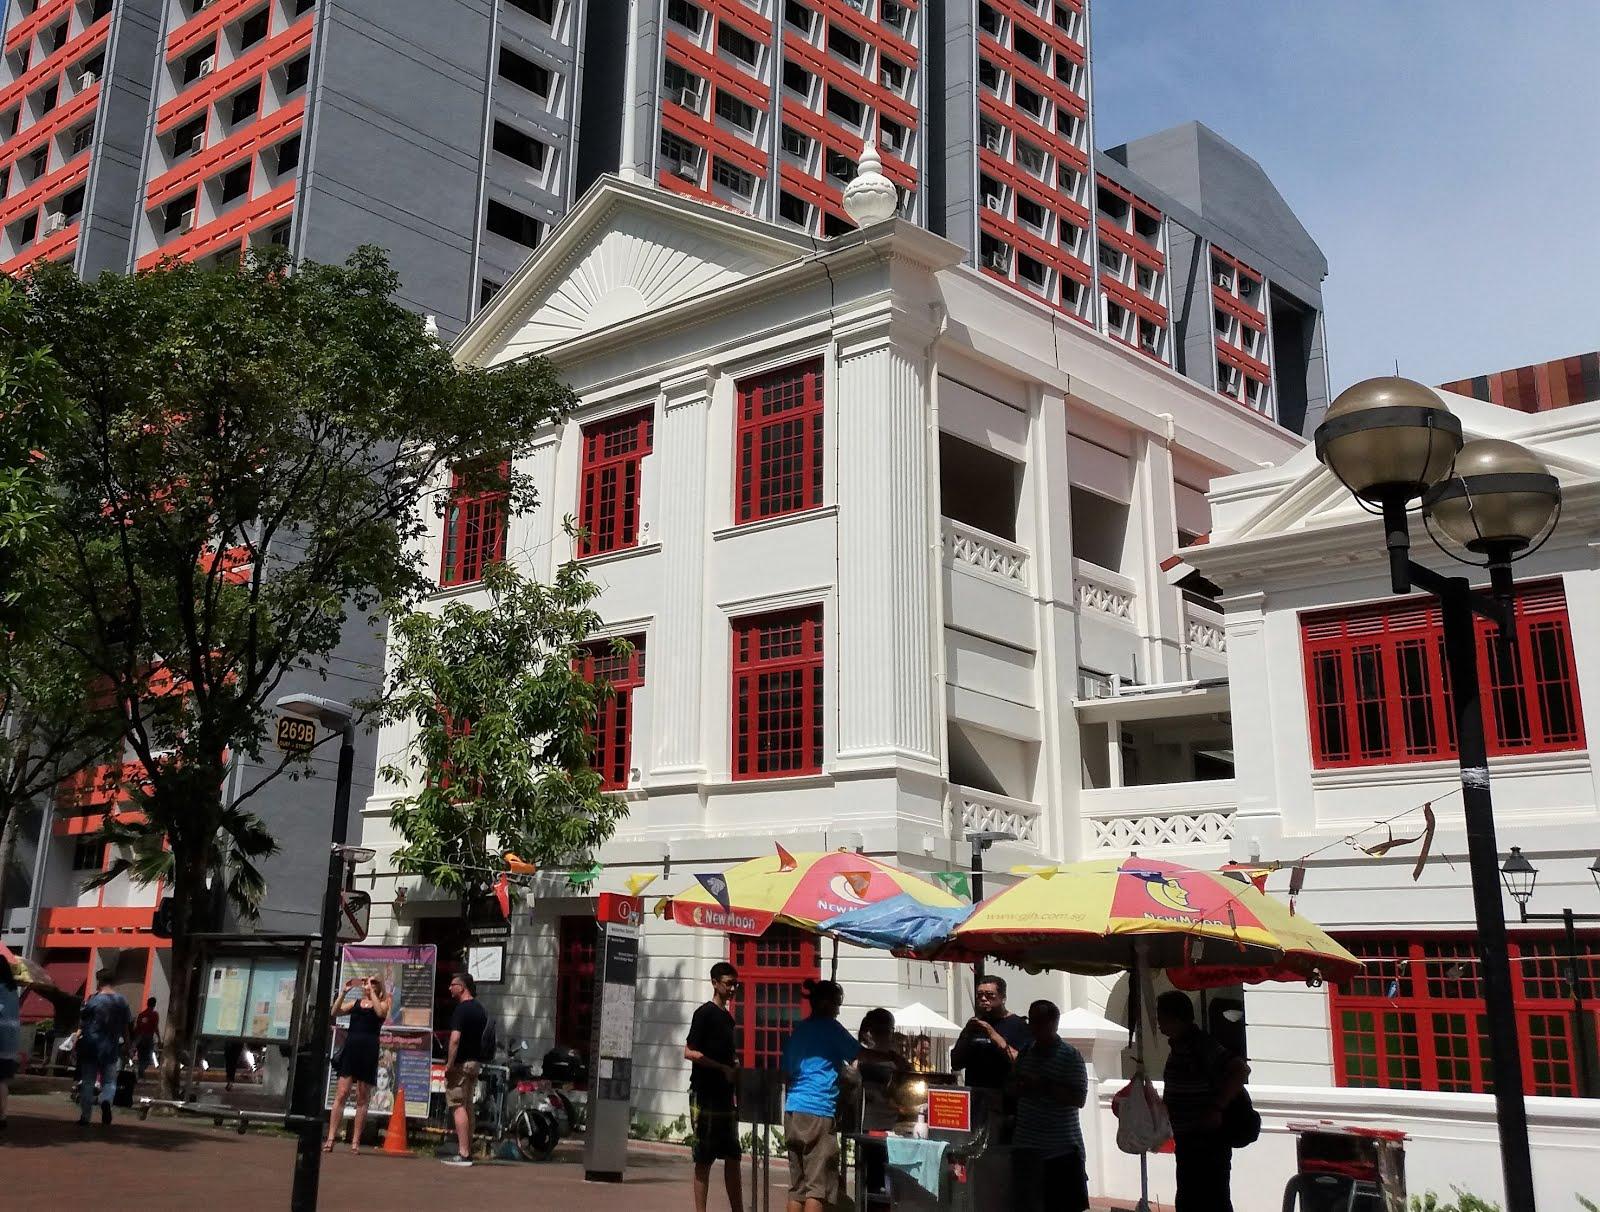 兴都庙前的史丹福艺术中心为本地的文化艺术界培养了后起之秀 艺术中心的前身史丹福女校 是小坡众多学校之一 为战后的新加坡提供女子教育 这栋建筑物原为1931年落成